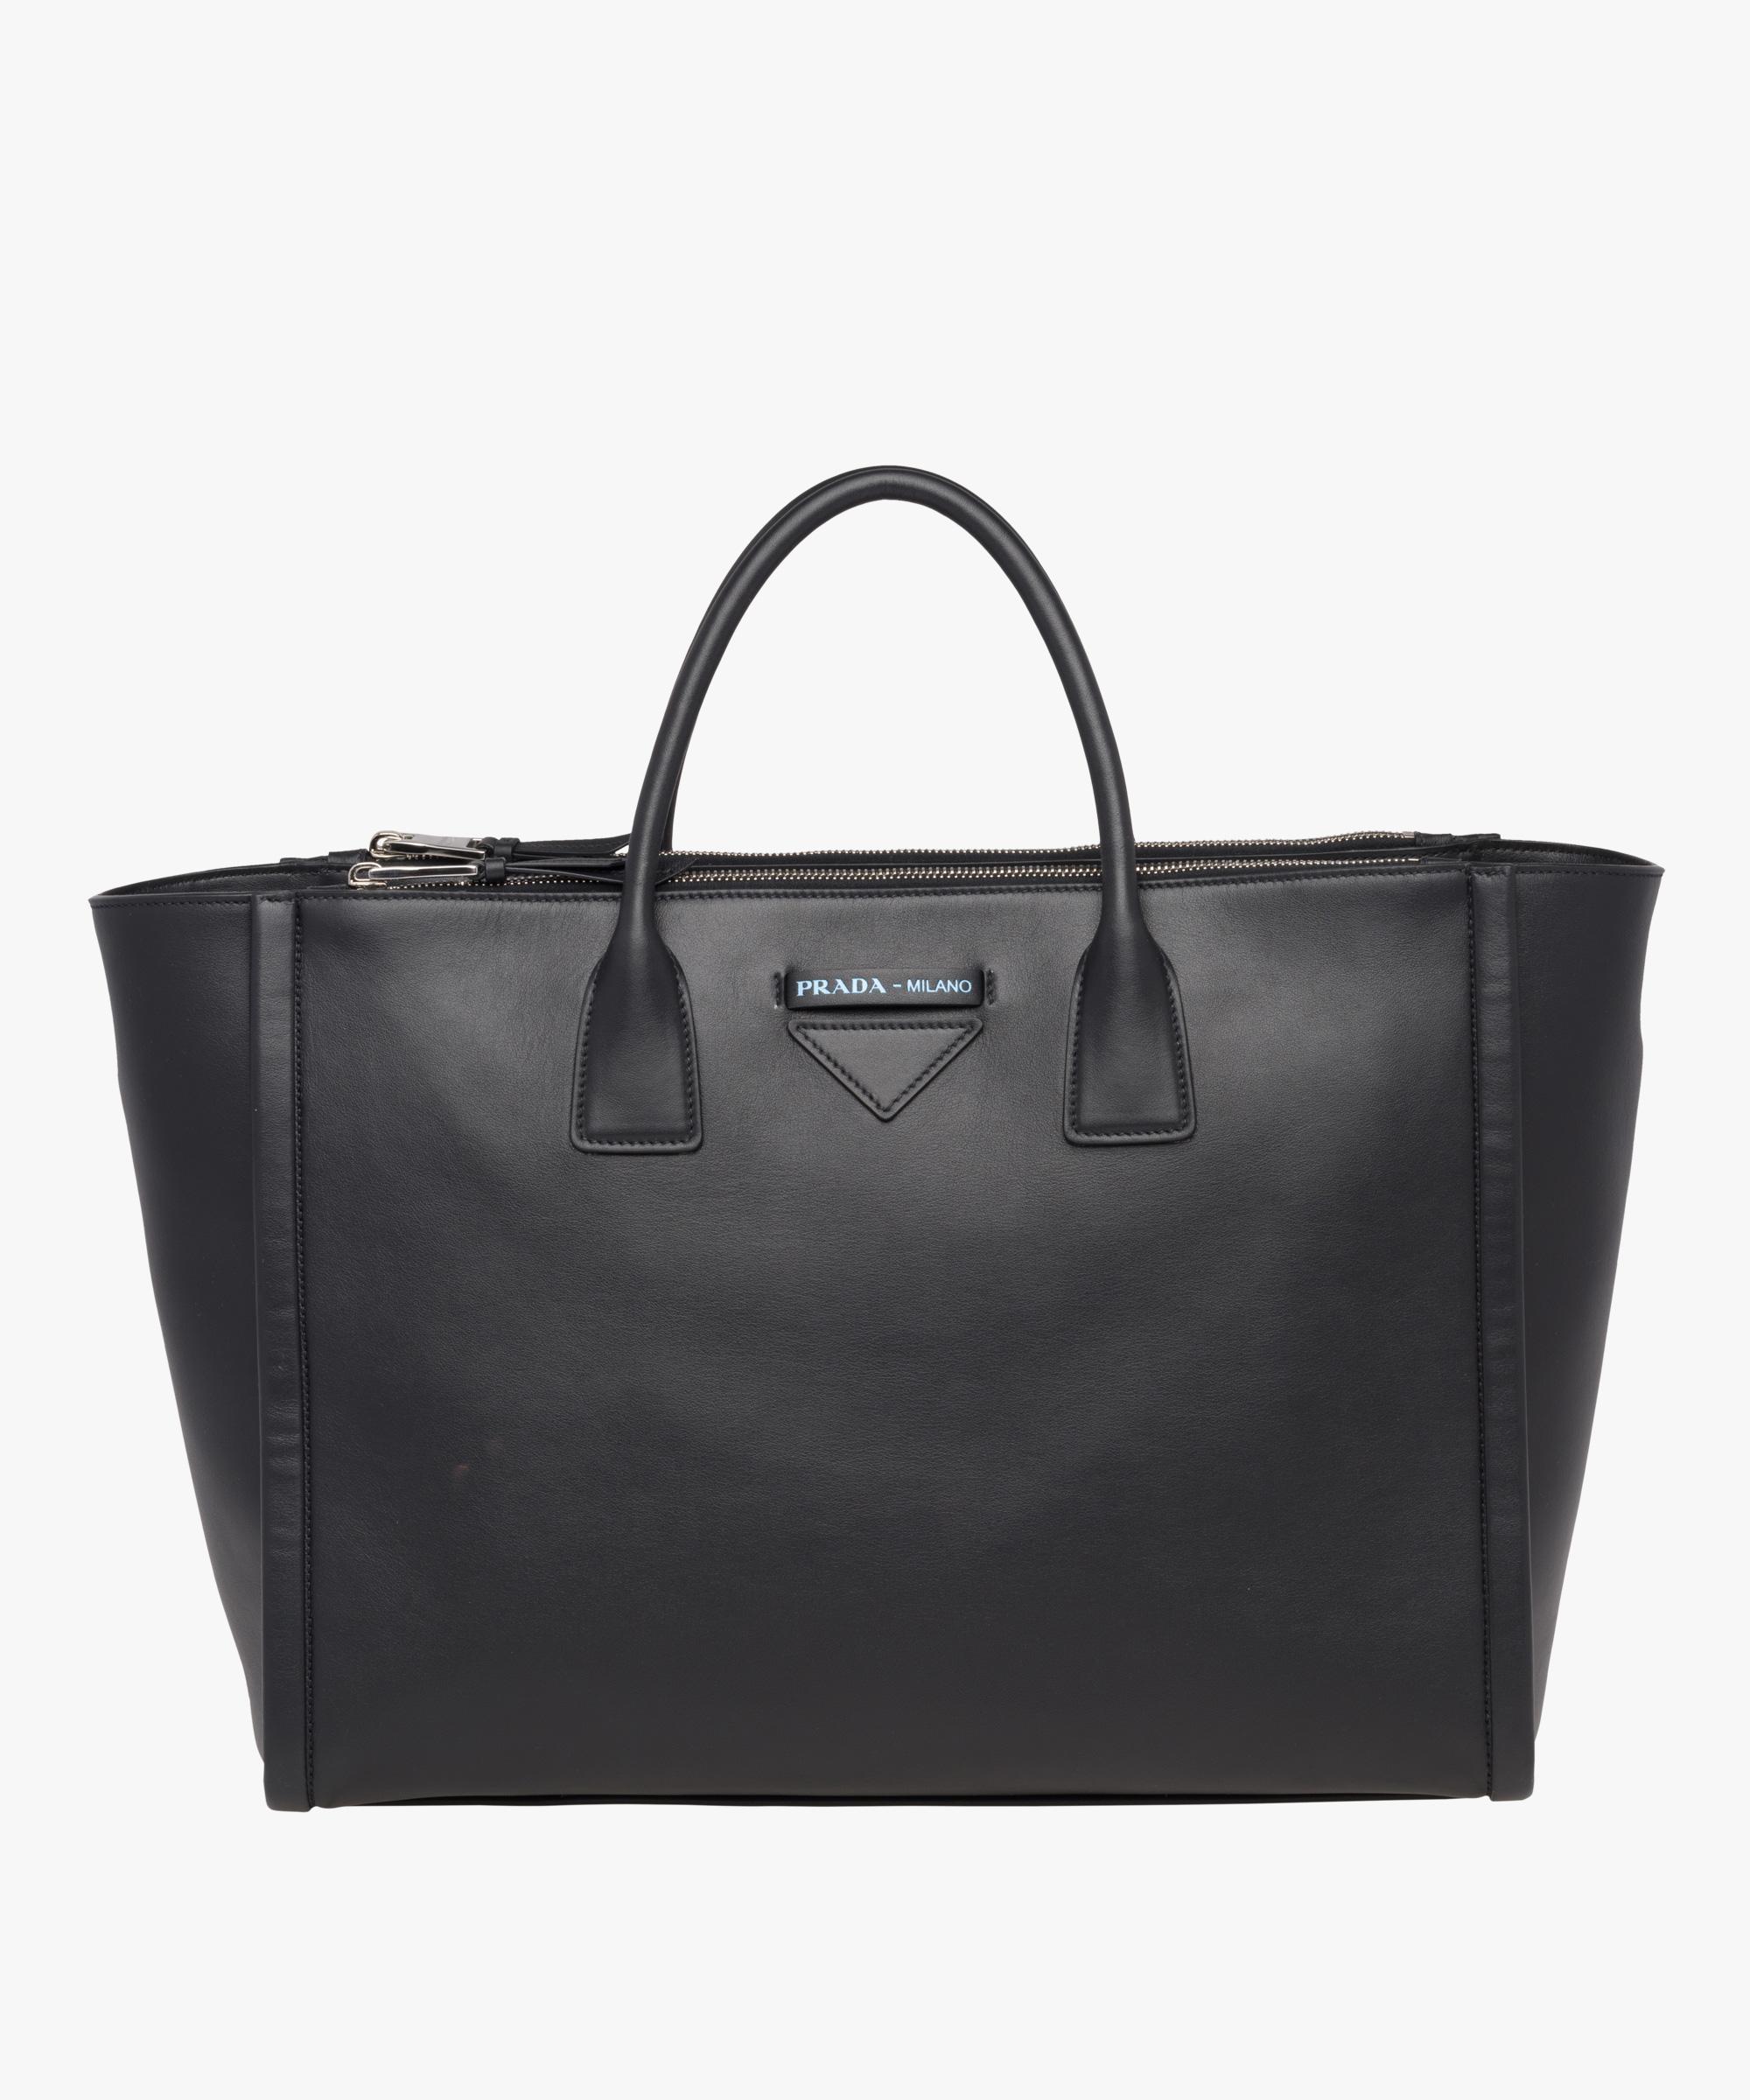 823c87deb76c Lyst - Prada Concept Calf Leather Bag in Black